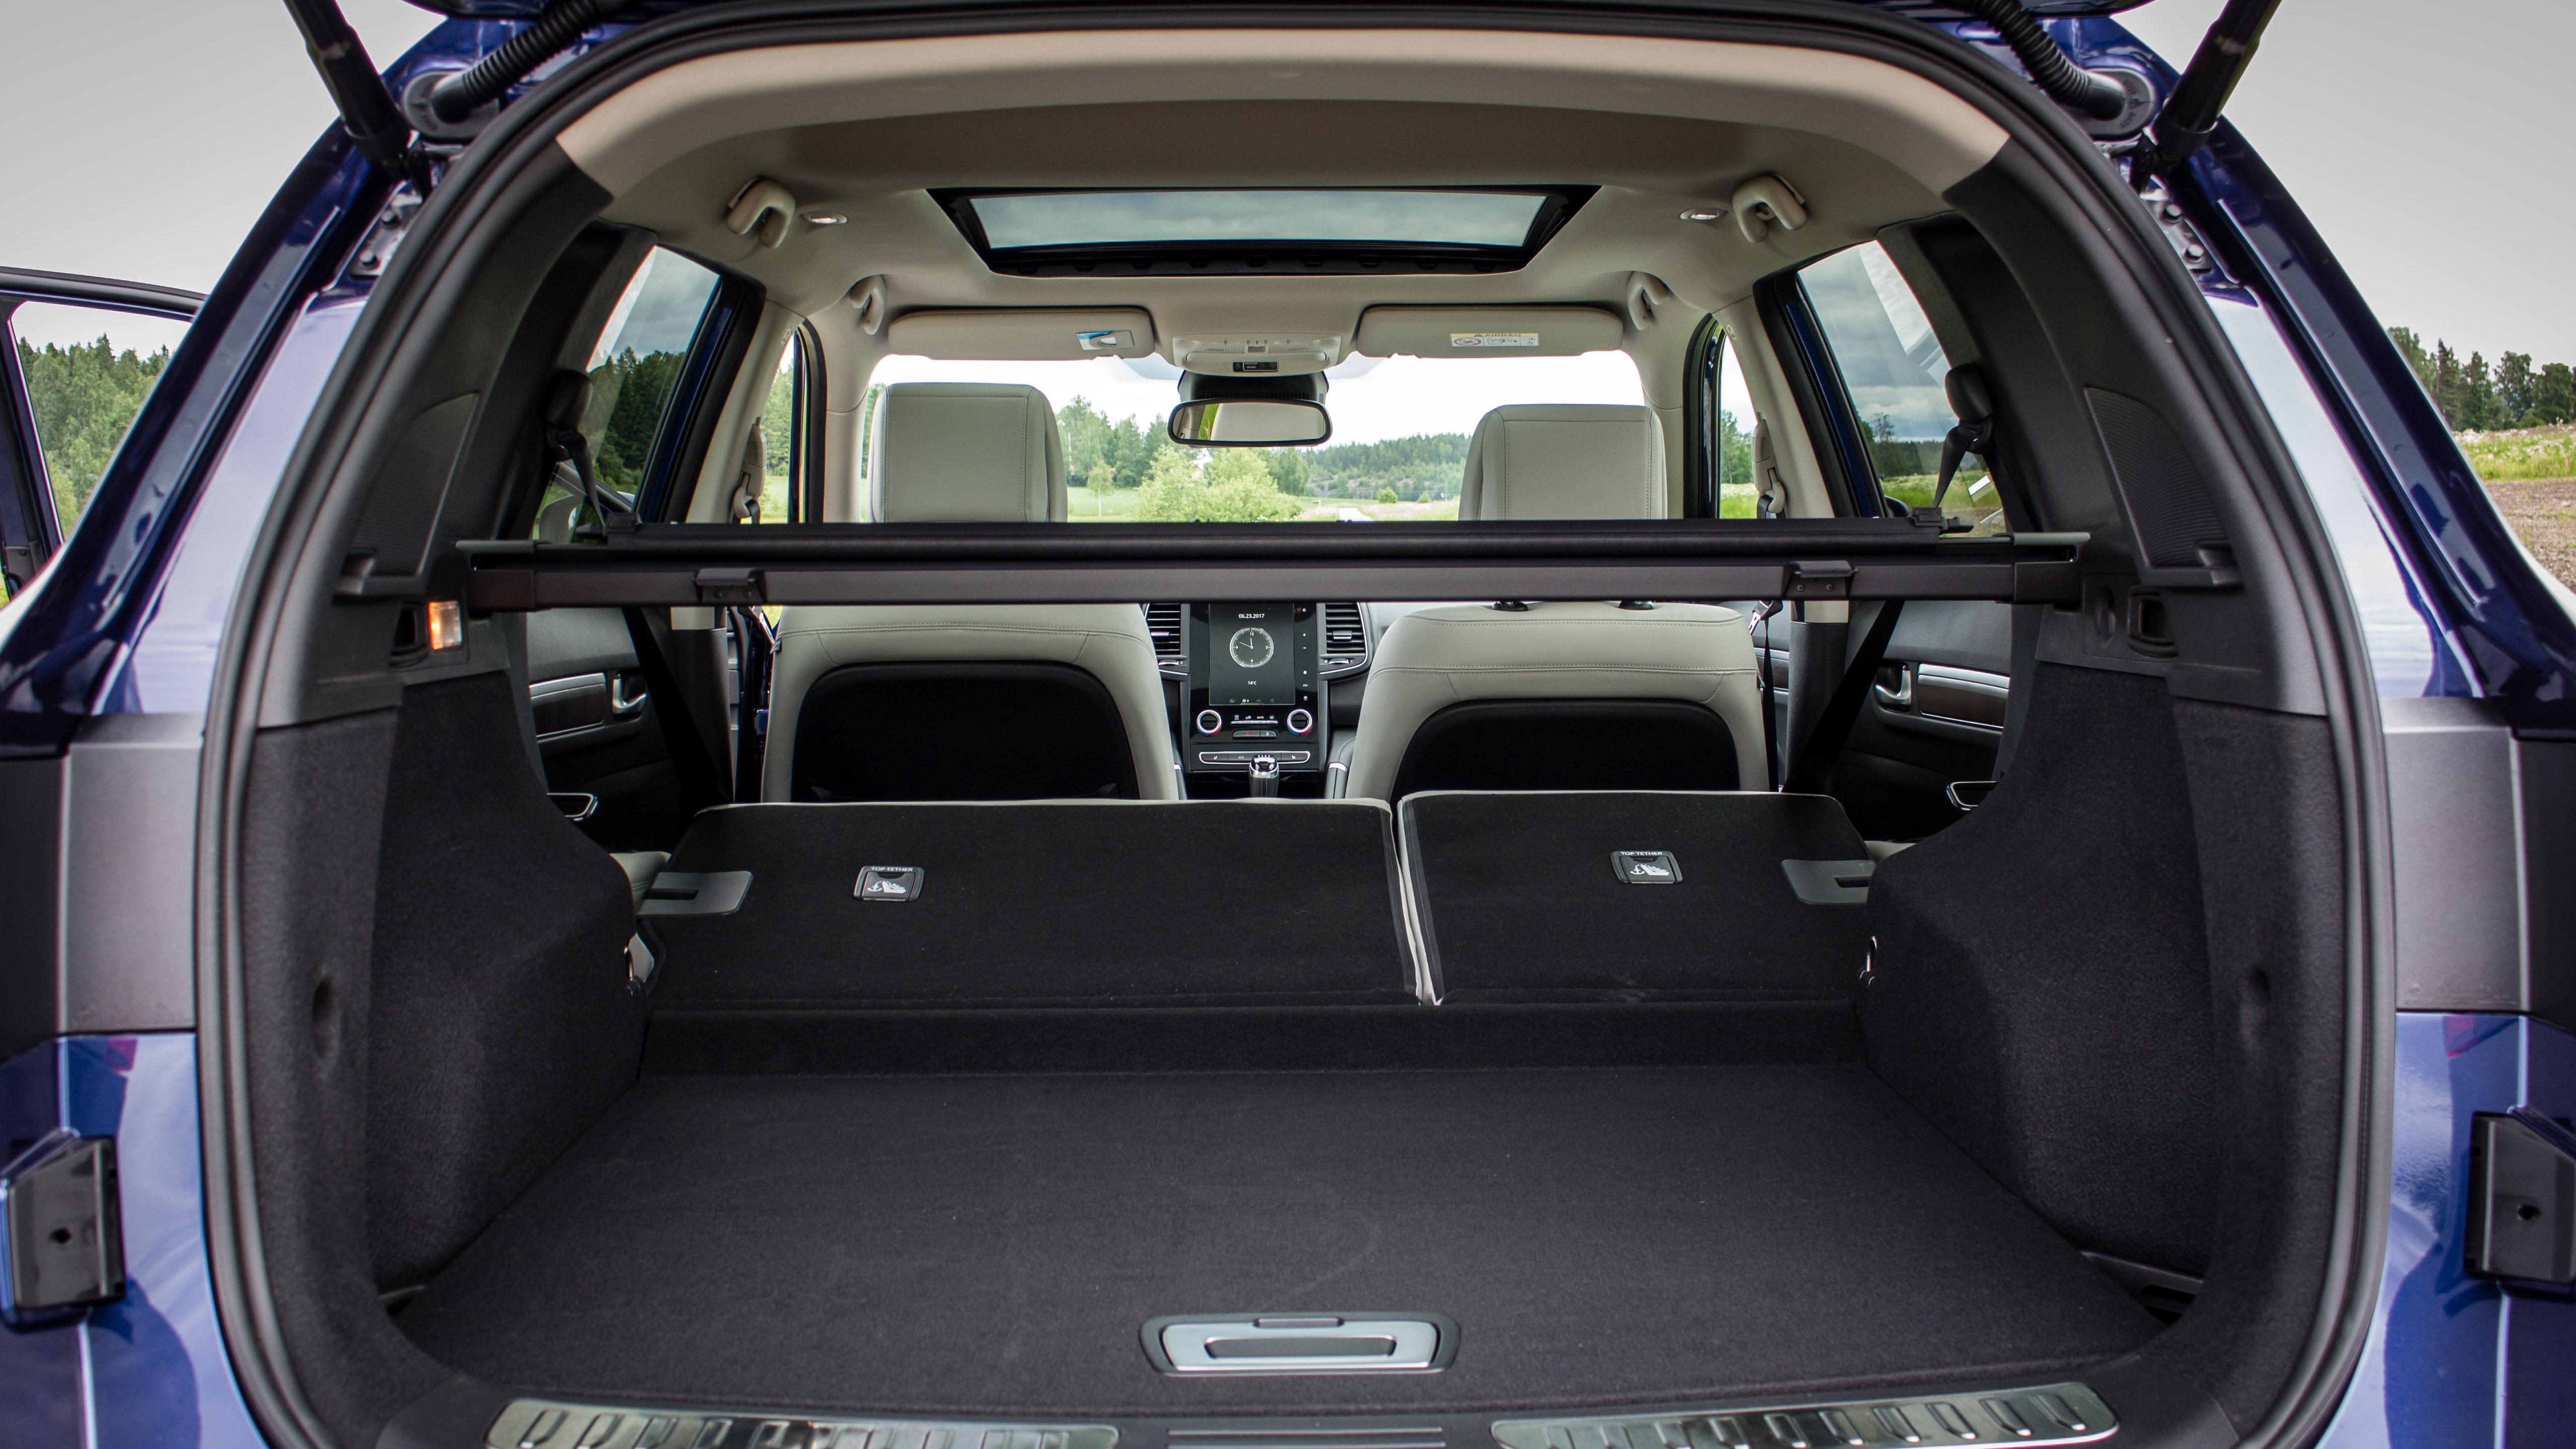 Renault koleos vraiment plus d sirable blog automobile for Kadjar interieur 7 places